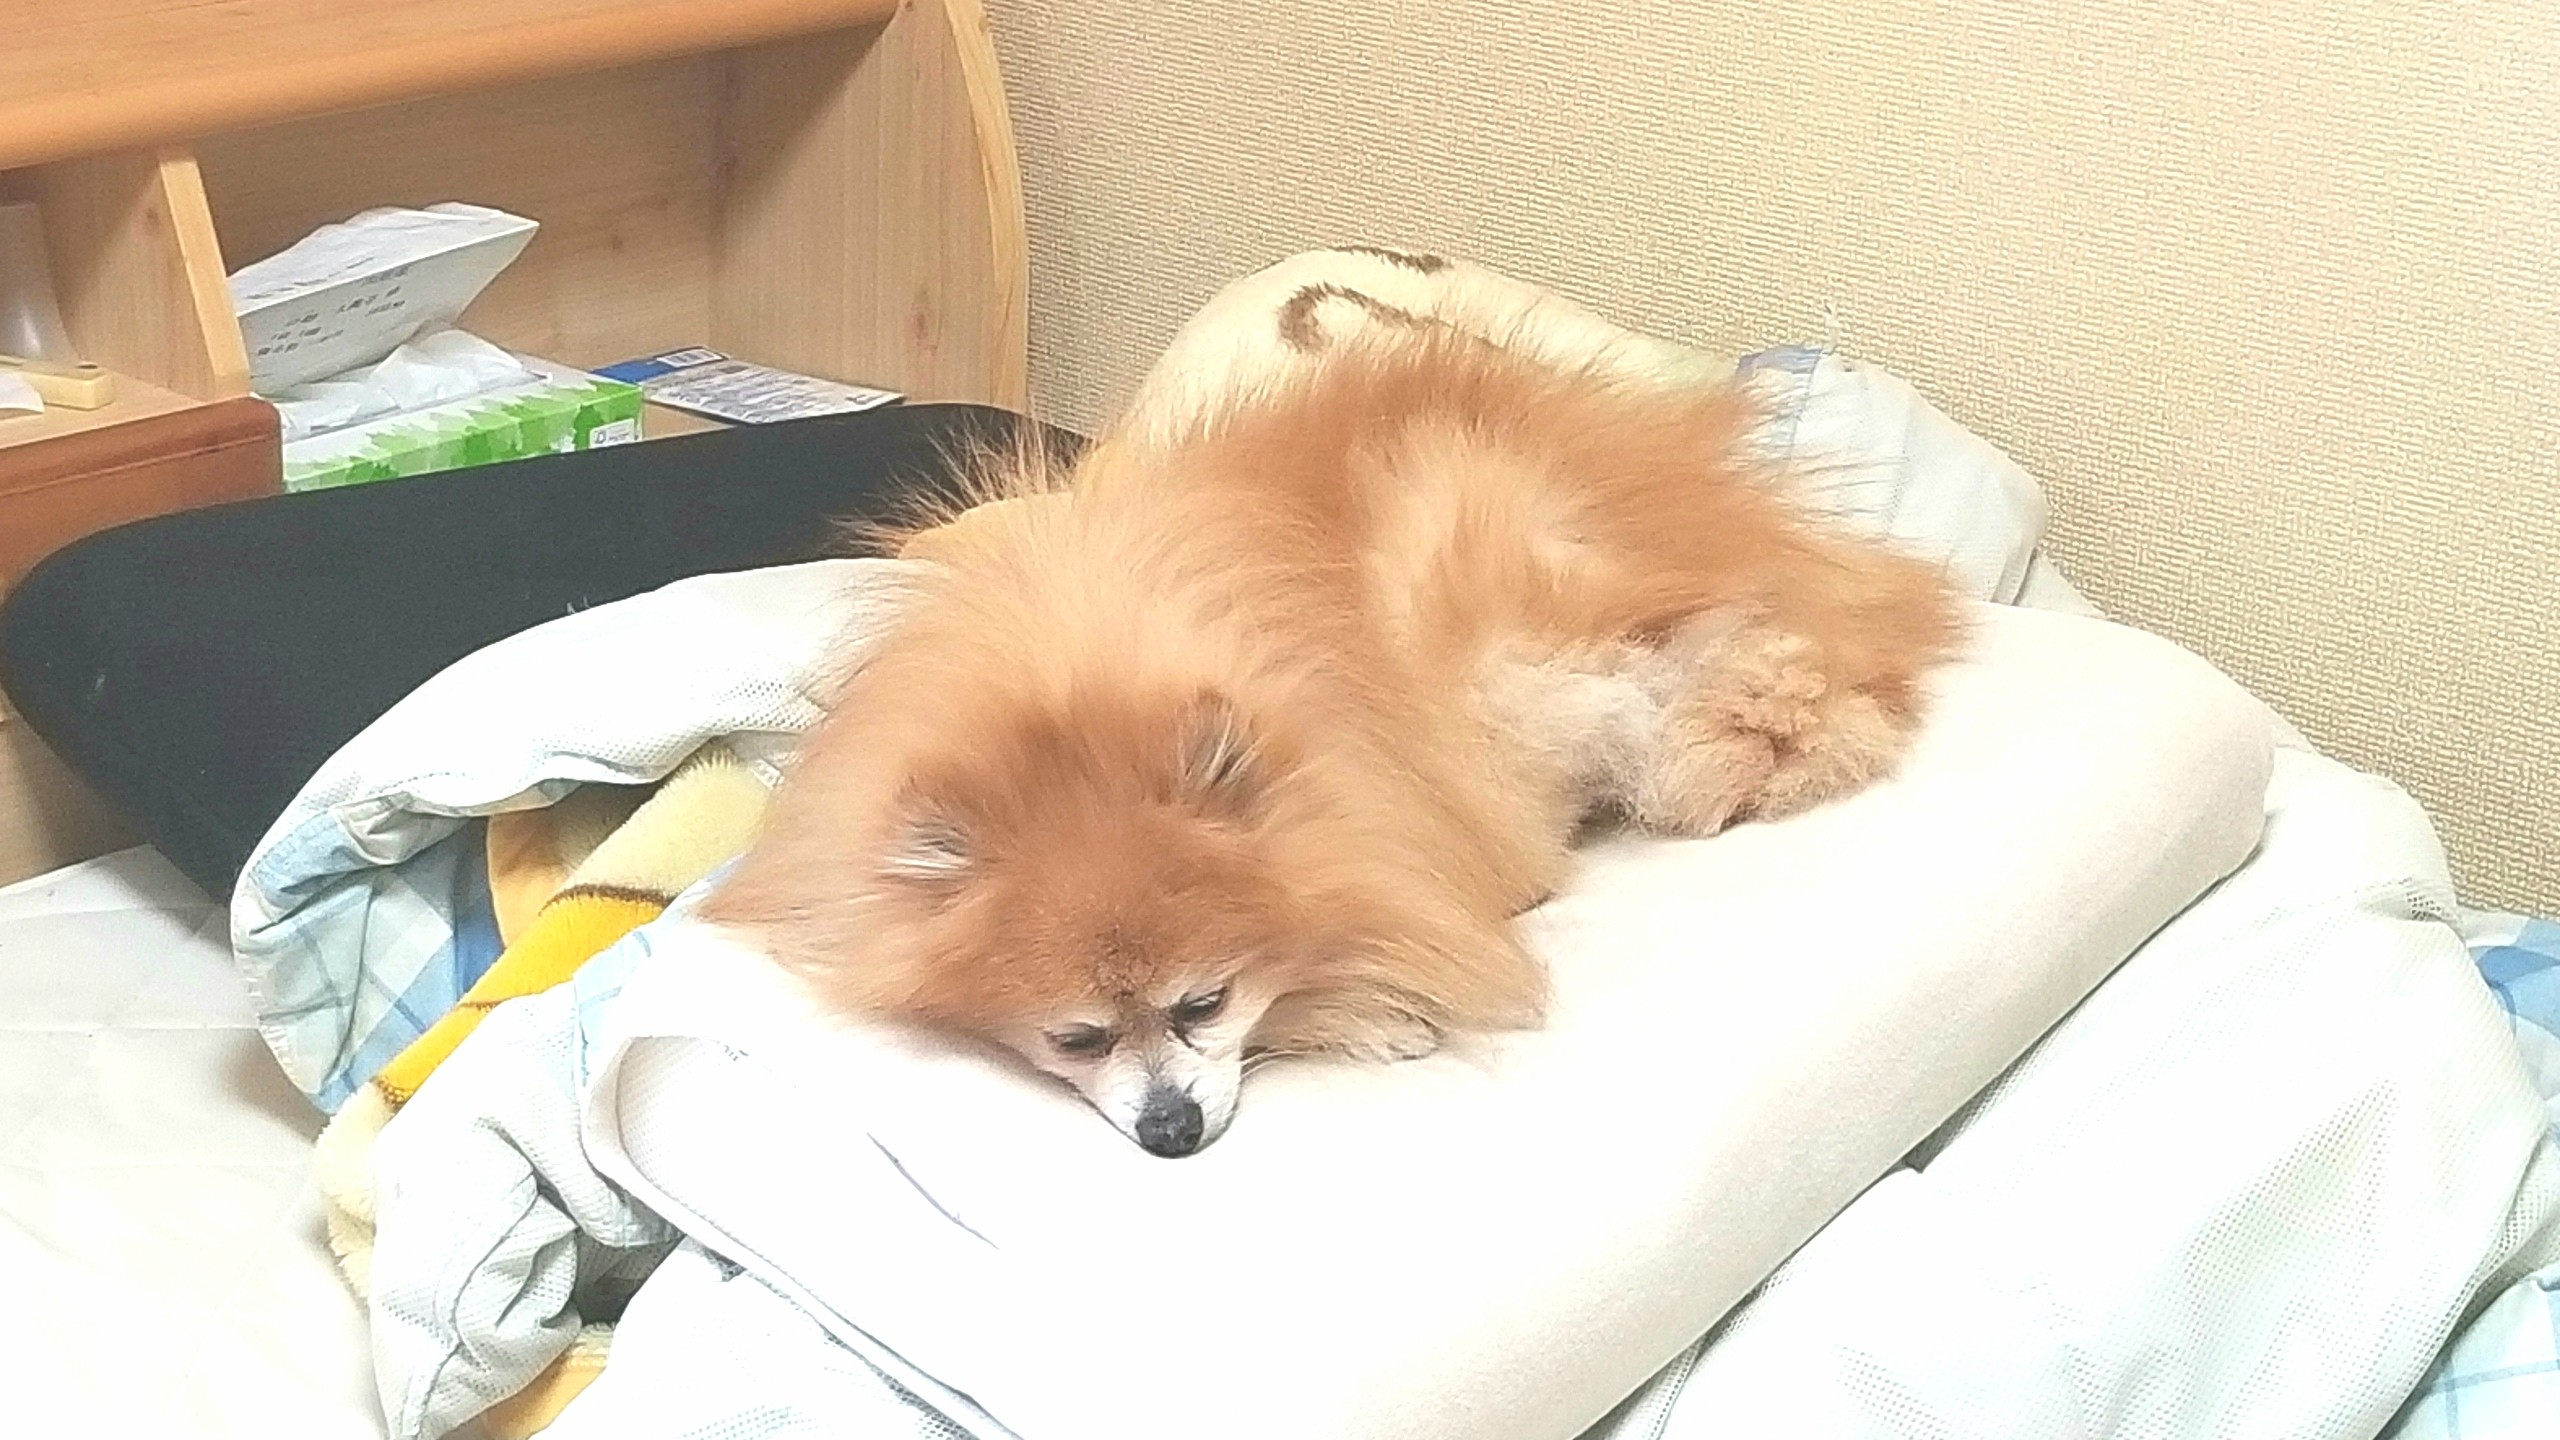 愛犬,ペット犬,ポメラニアン大好き,ラブ,世界一かわいい,もふもふ